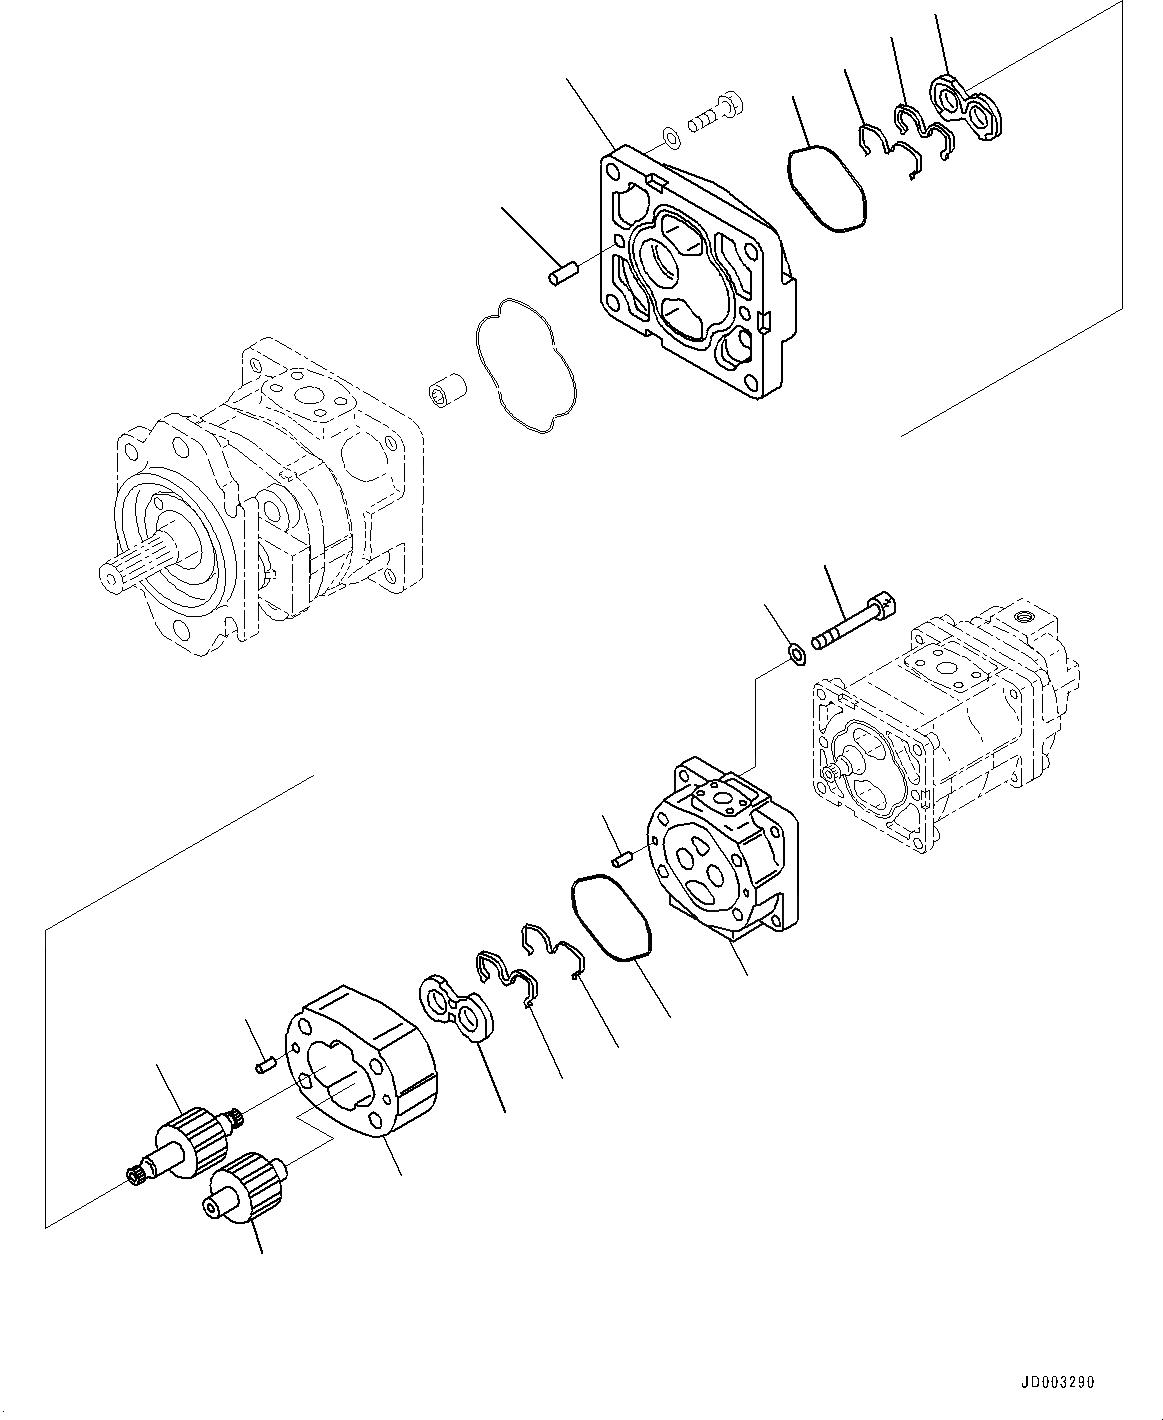 705-17-02353 Komatsu ПОДШИПНИК СКОЛЬЖЕНИЯ ДЛЯ ВАЛОВ